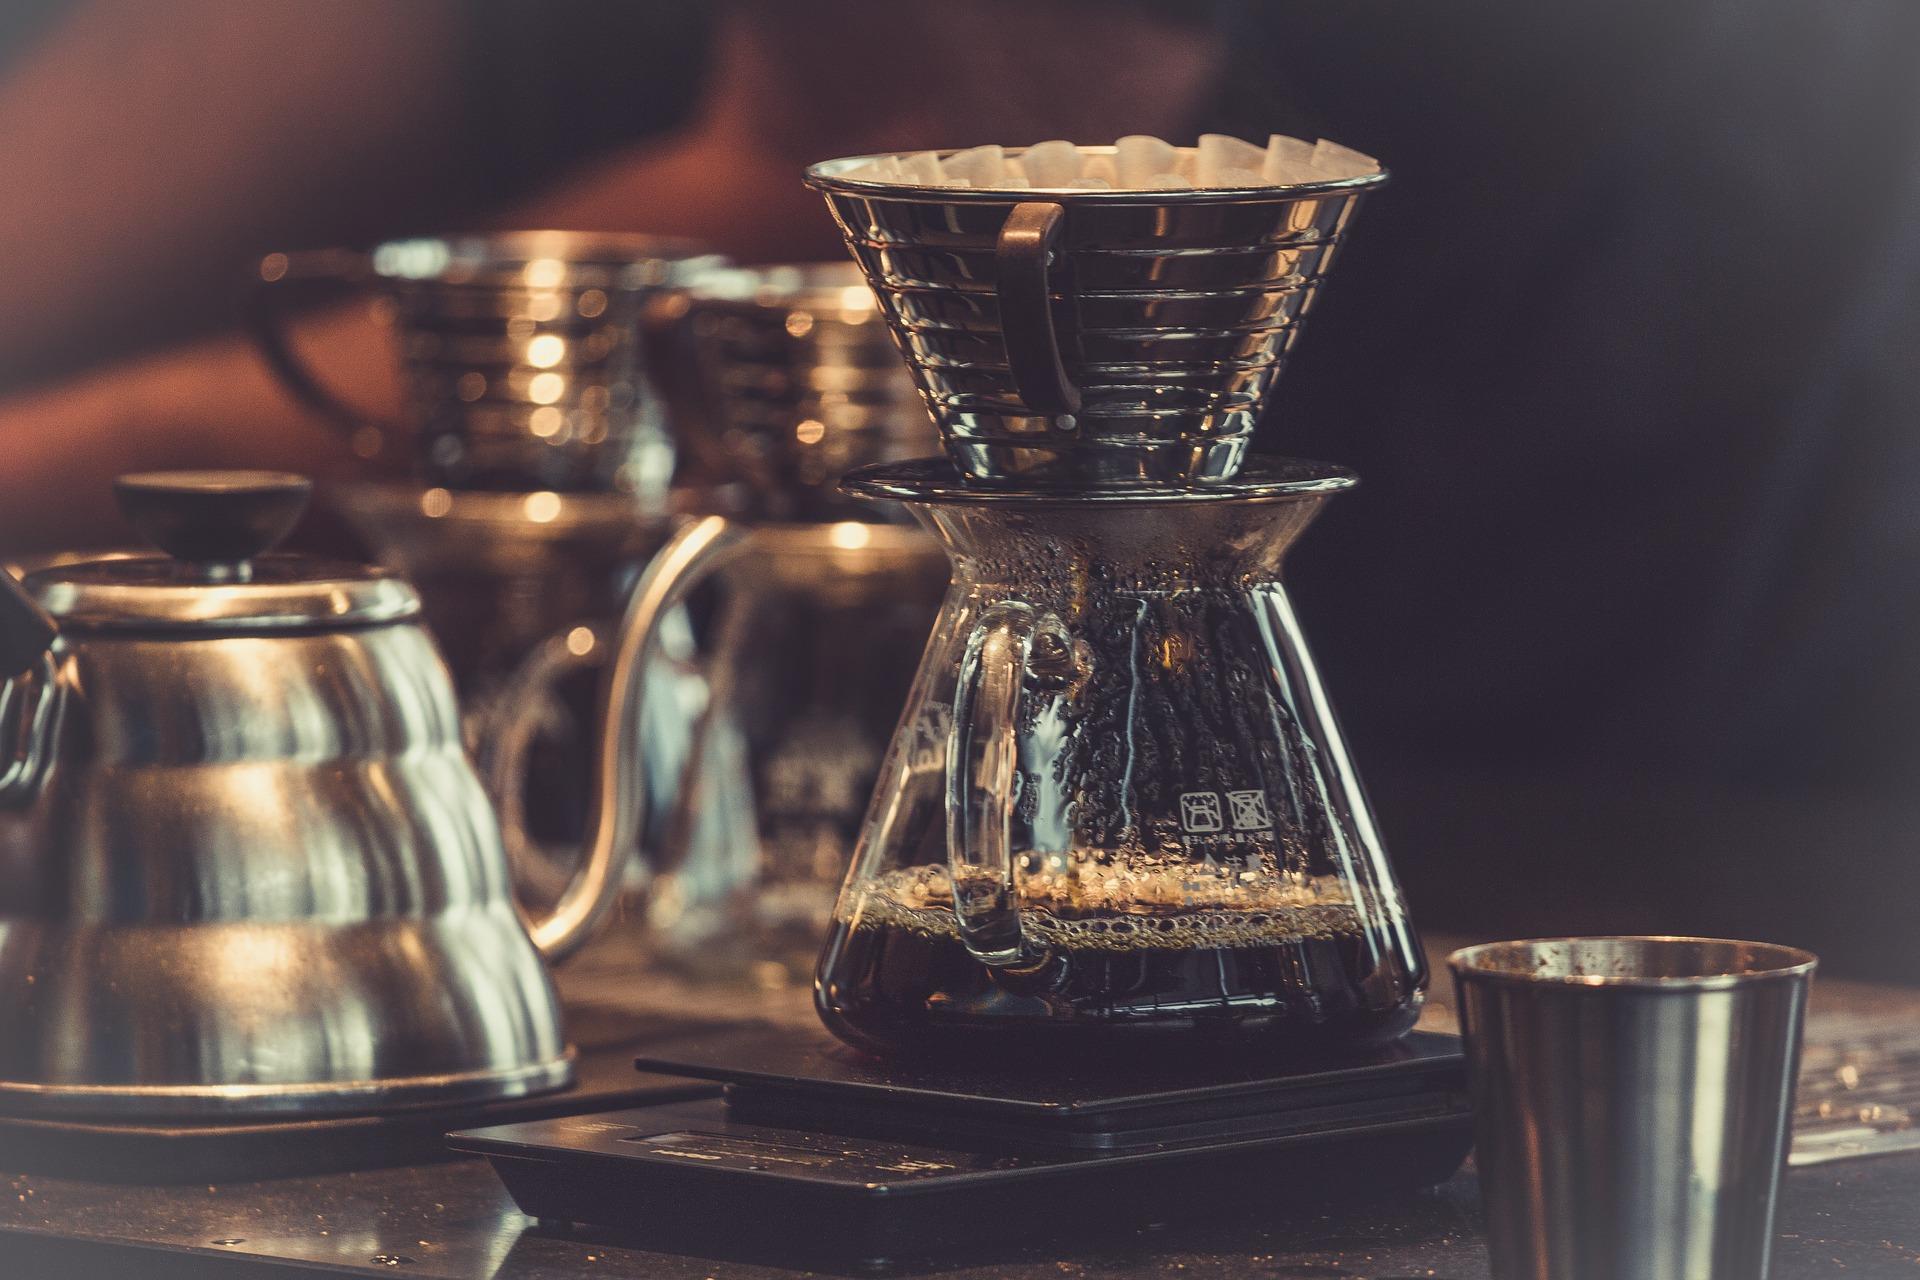 Kaffeemeisterschaften 2016 – the winner is …